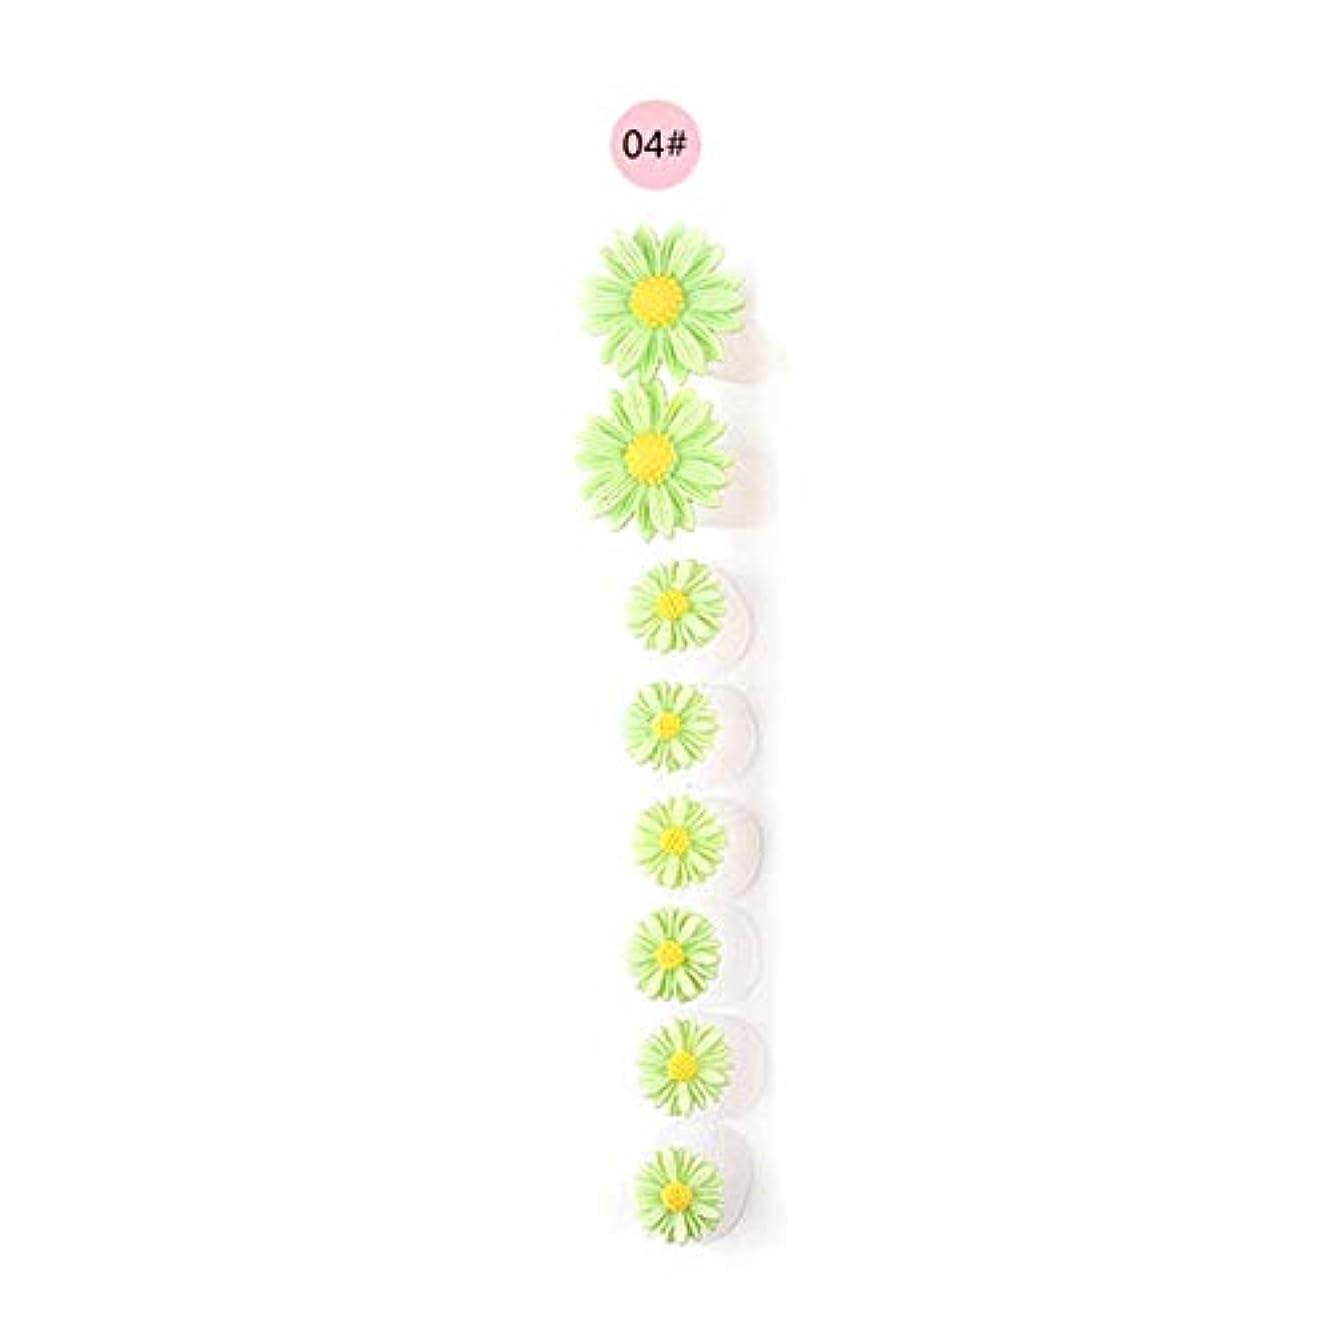 無限積極的にマーケティング8ピース/セットシリコンつま先セパレーター足つま先スペーサー花形ペディキュアDIYネイルアートツール-カラフル04#